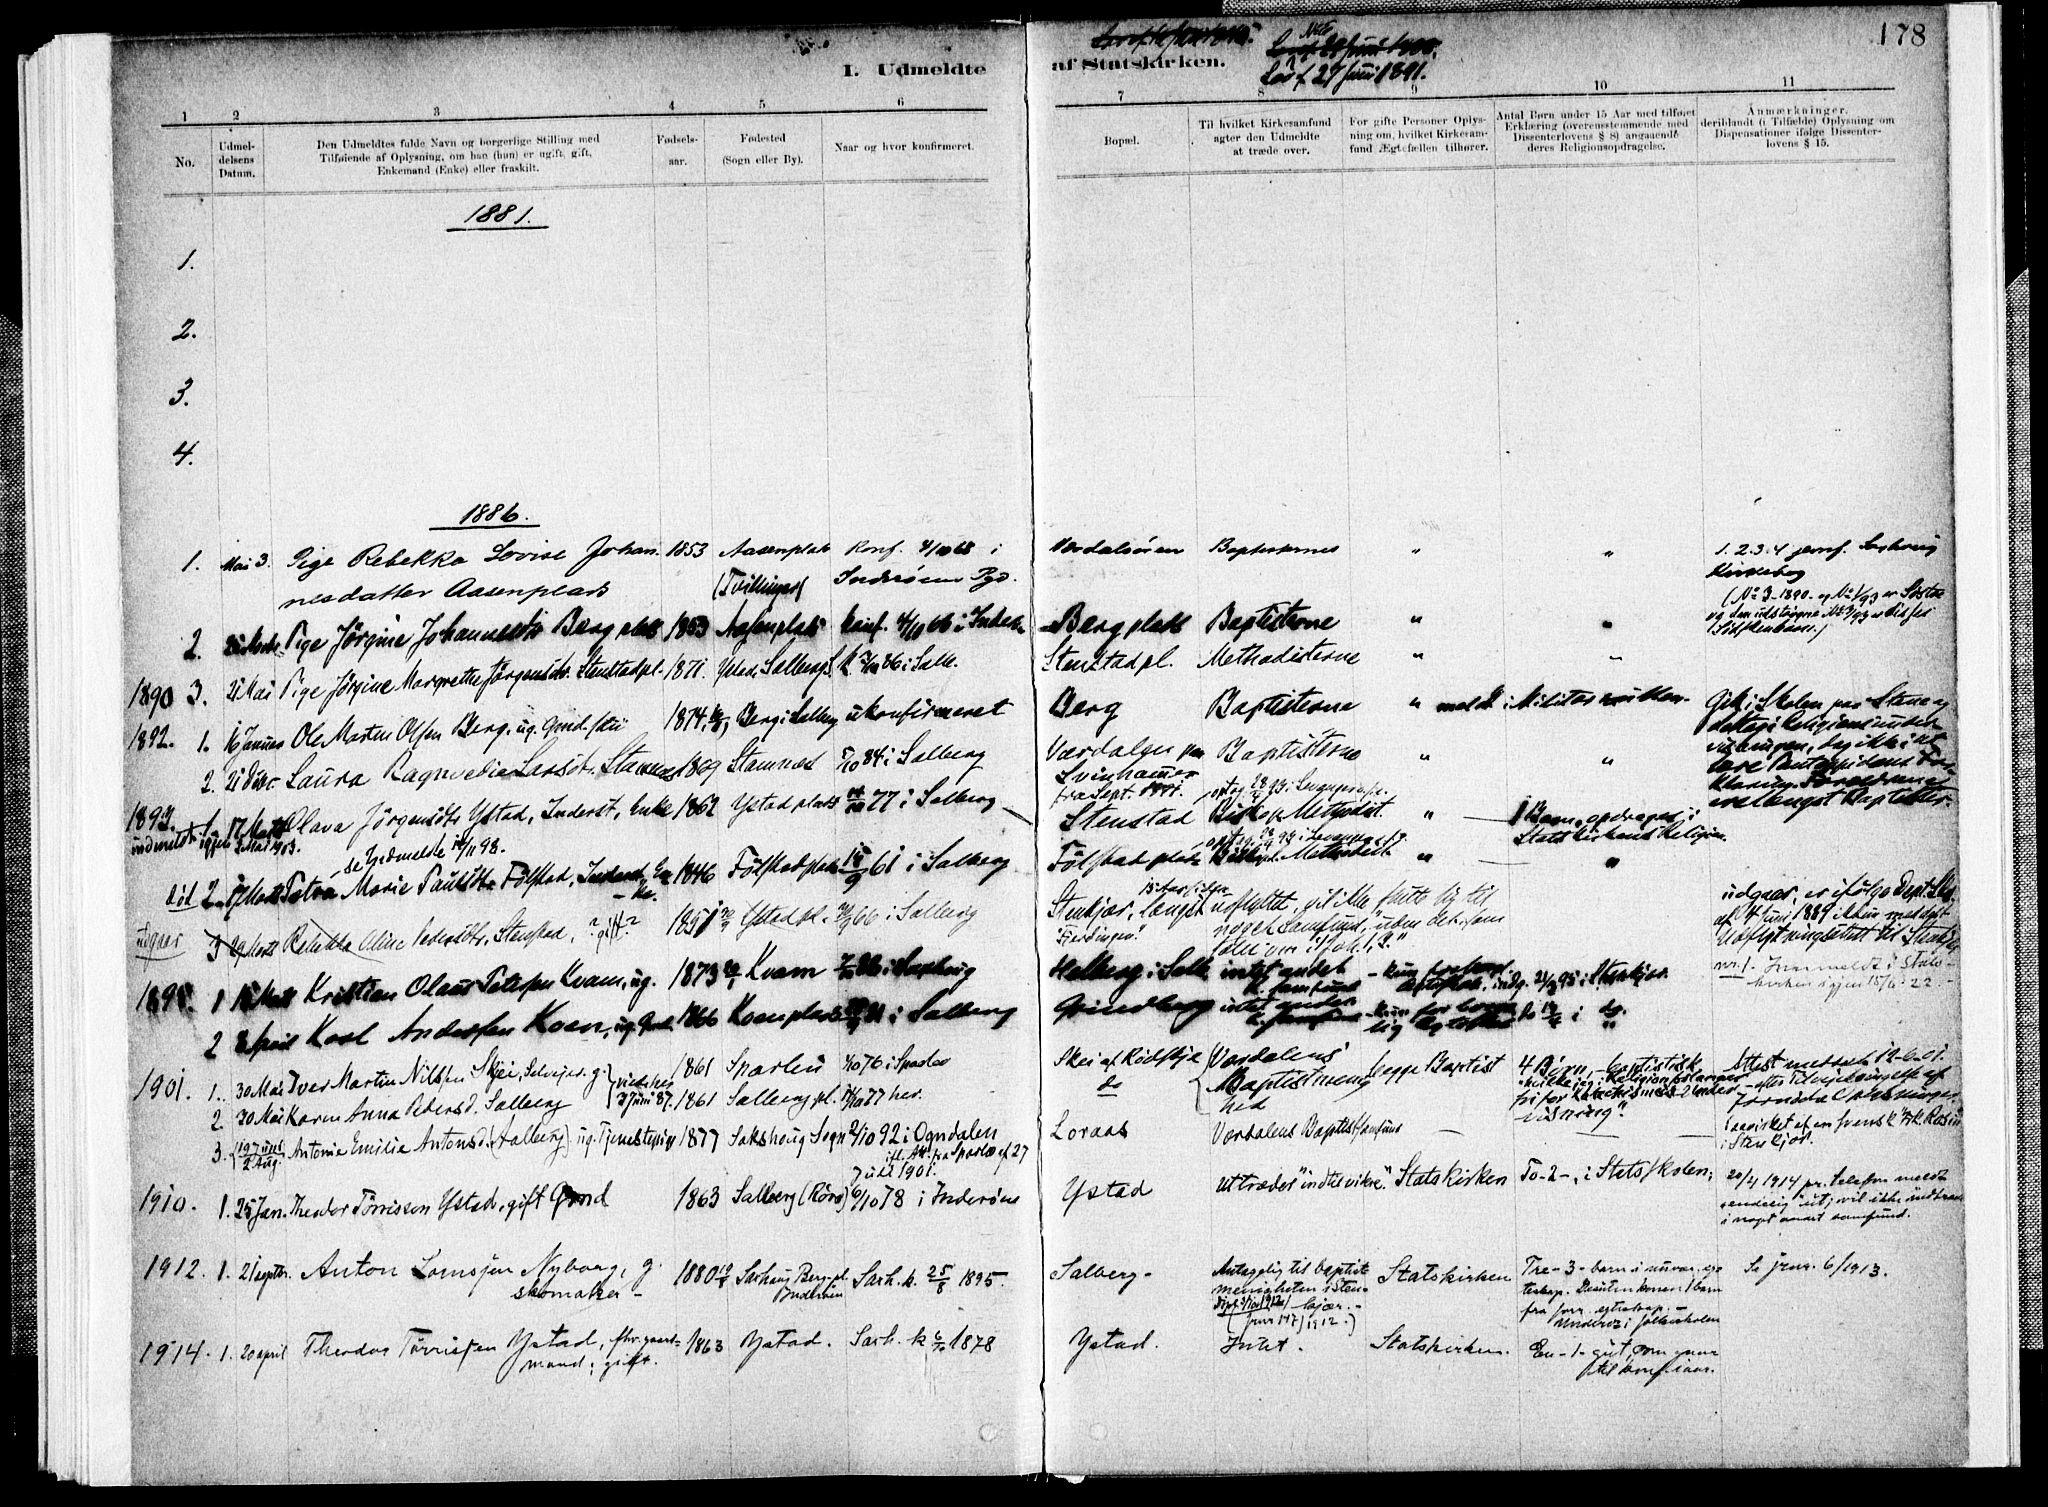 SAT, Ministerialprotokoller, klokkerbøker og fødselsregistre - Nord-Trøndelag, 731/L0309: Parish register (official) no. 731A01, 1879-1918, p. 178